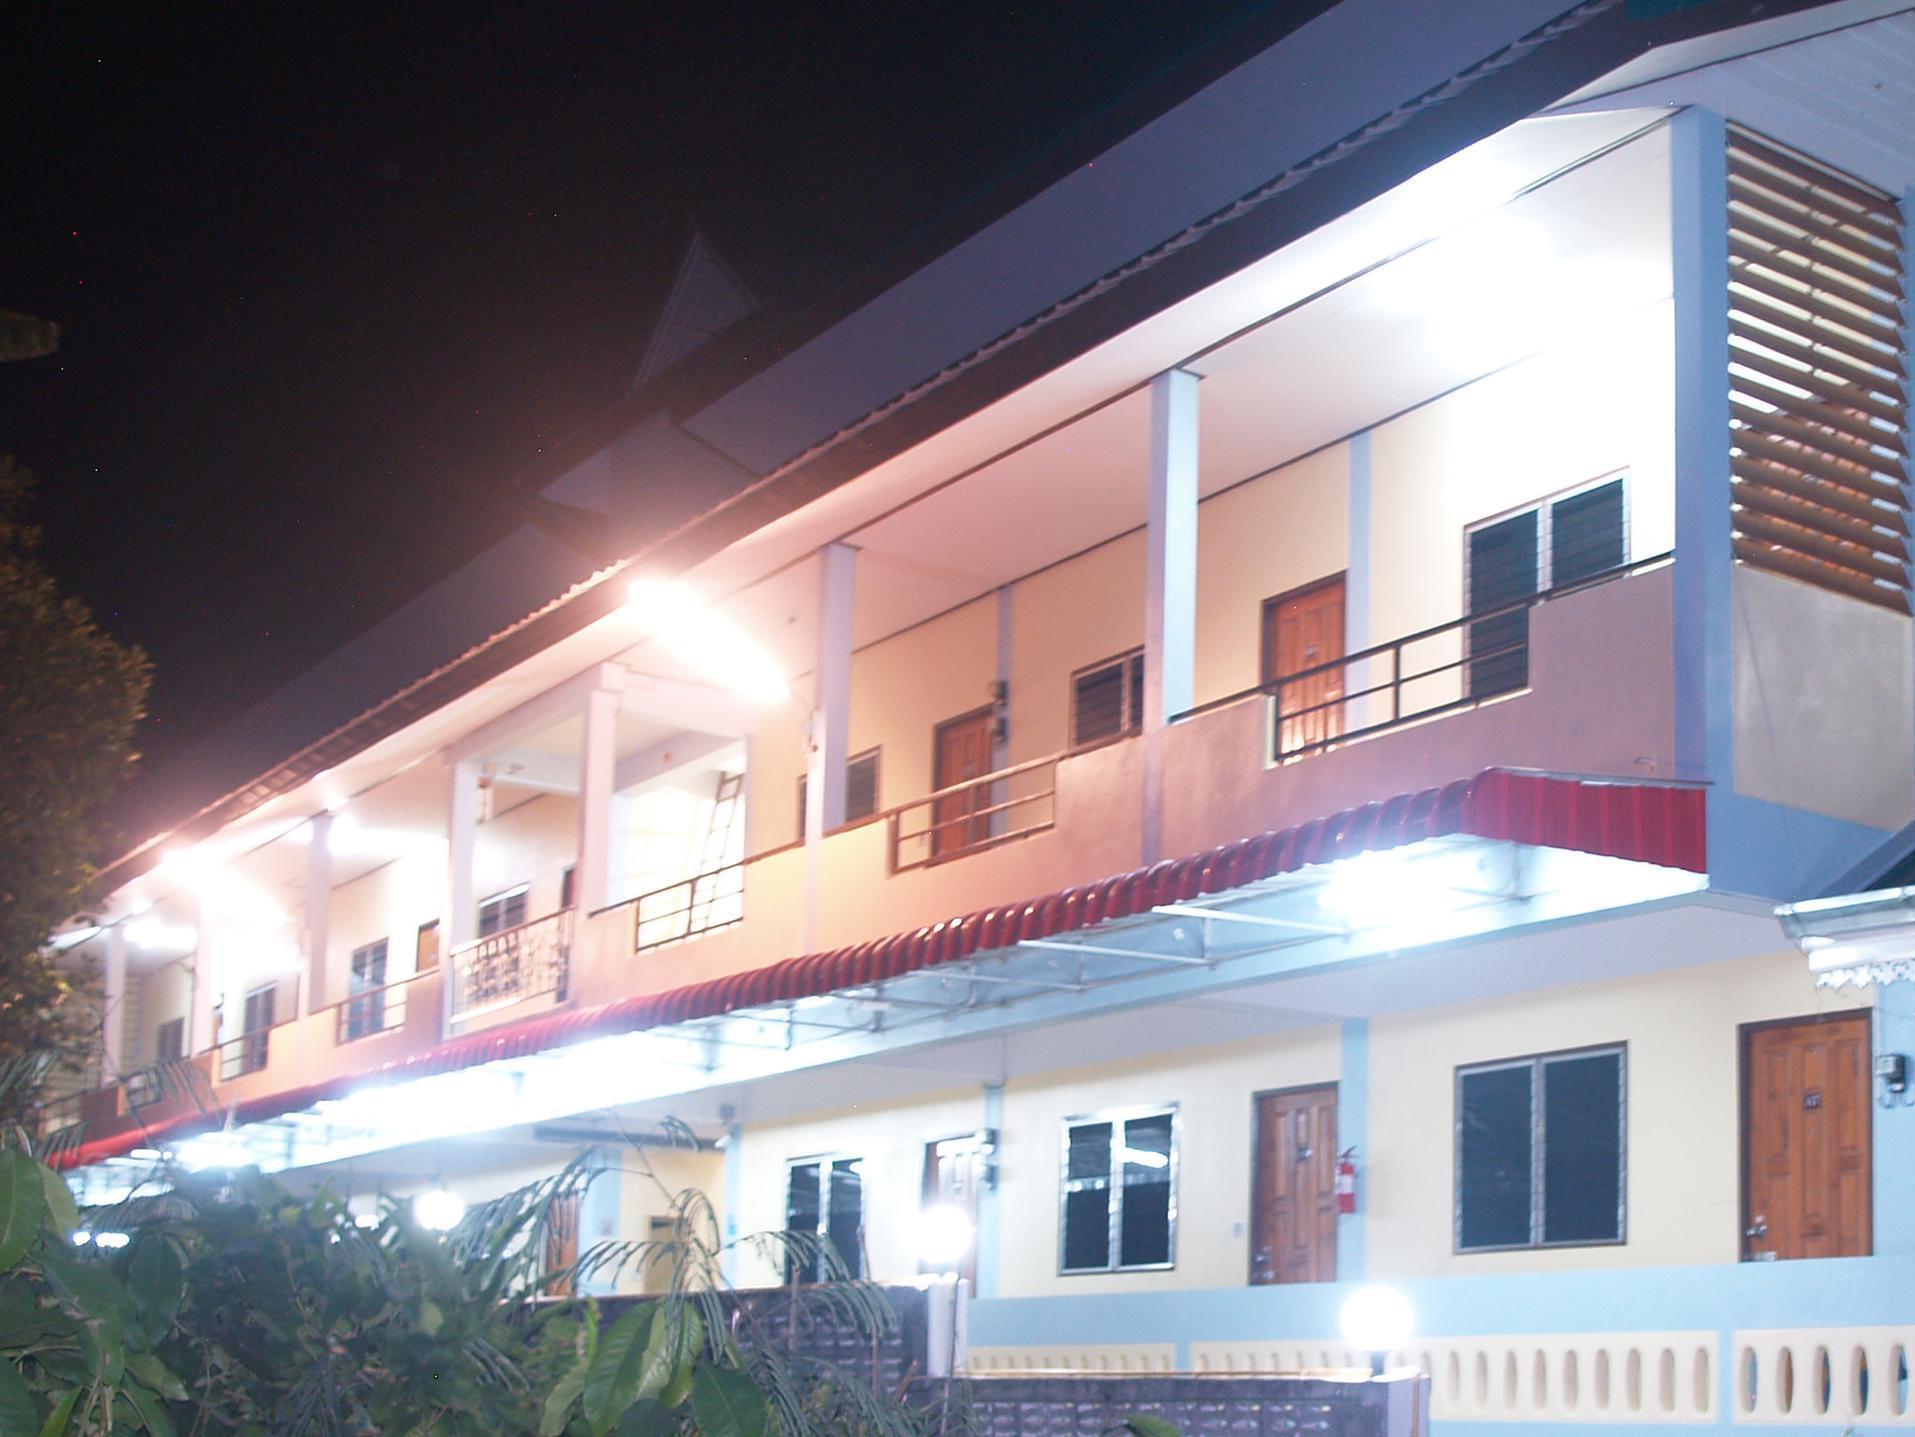 โรงแรมแสงอรุณ